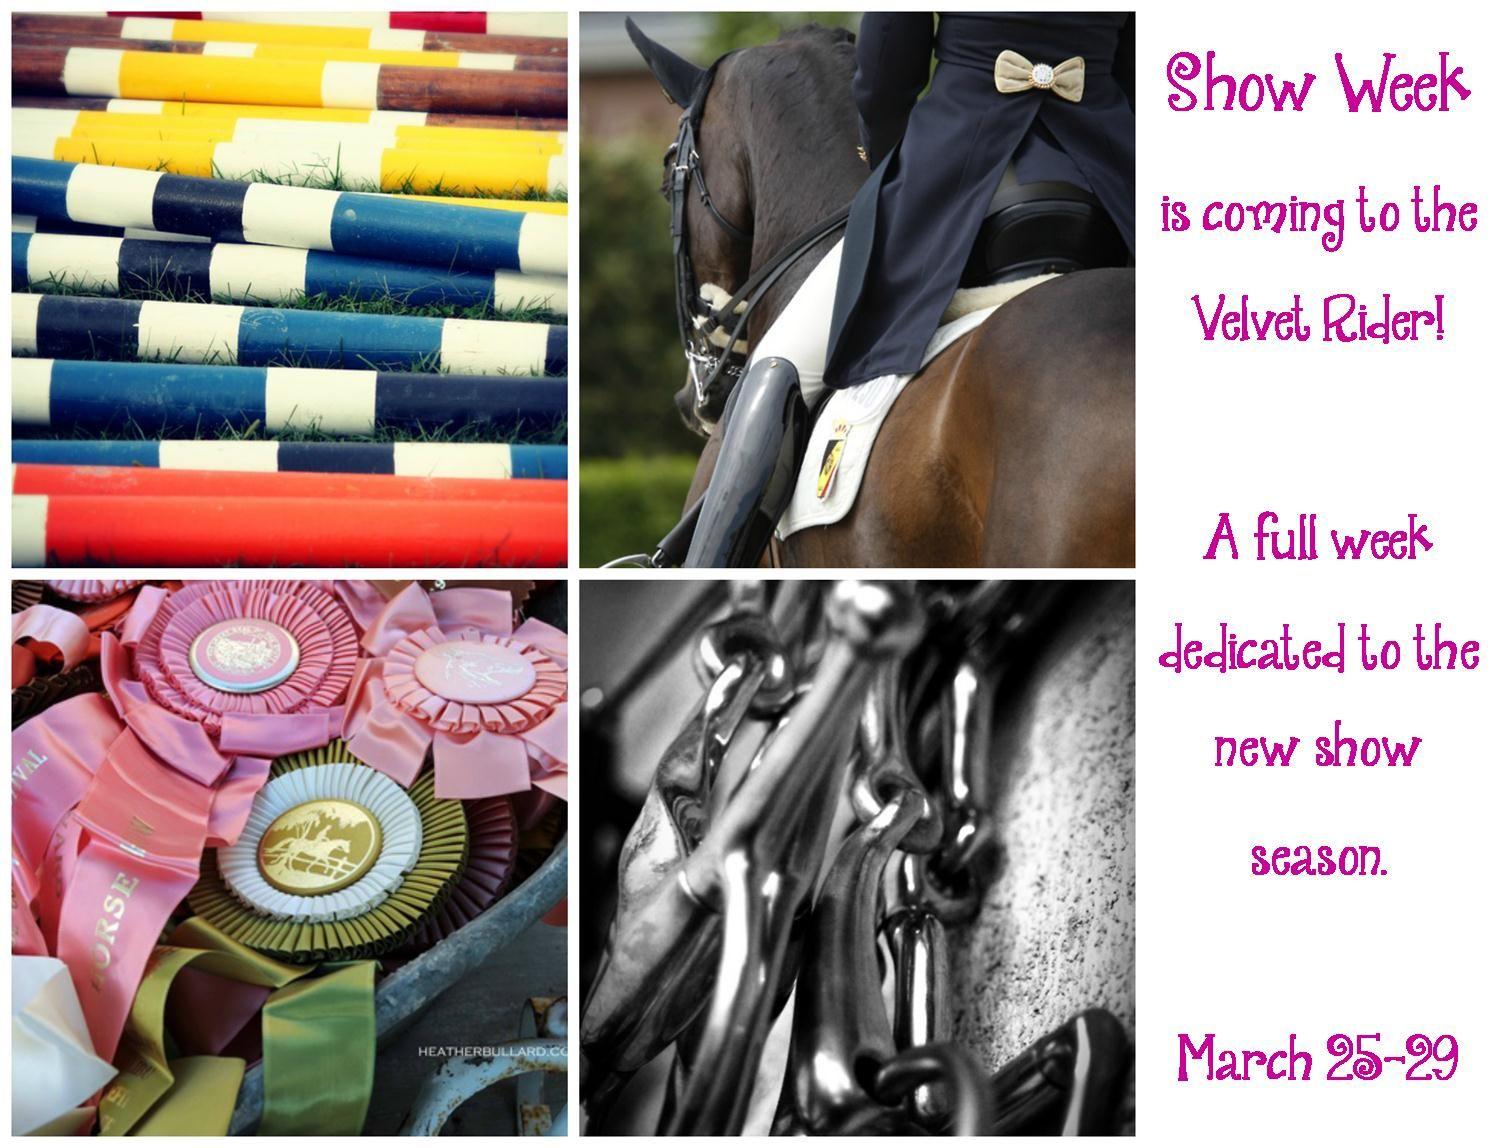 Horse Show Week on the Velvet Rider!